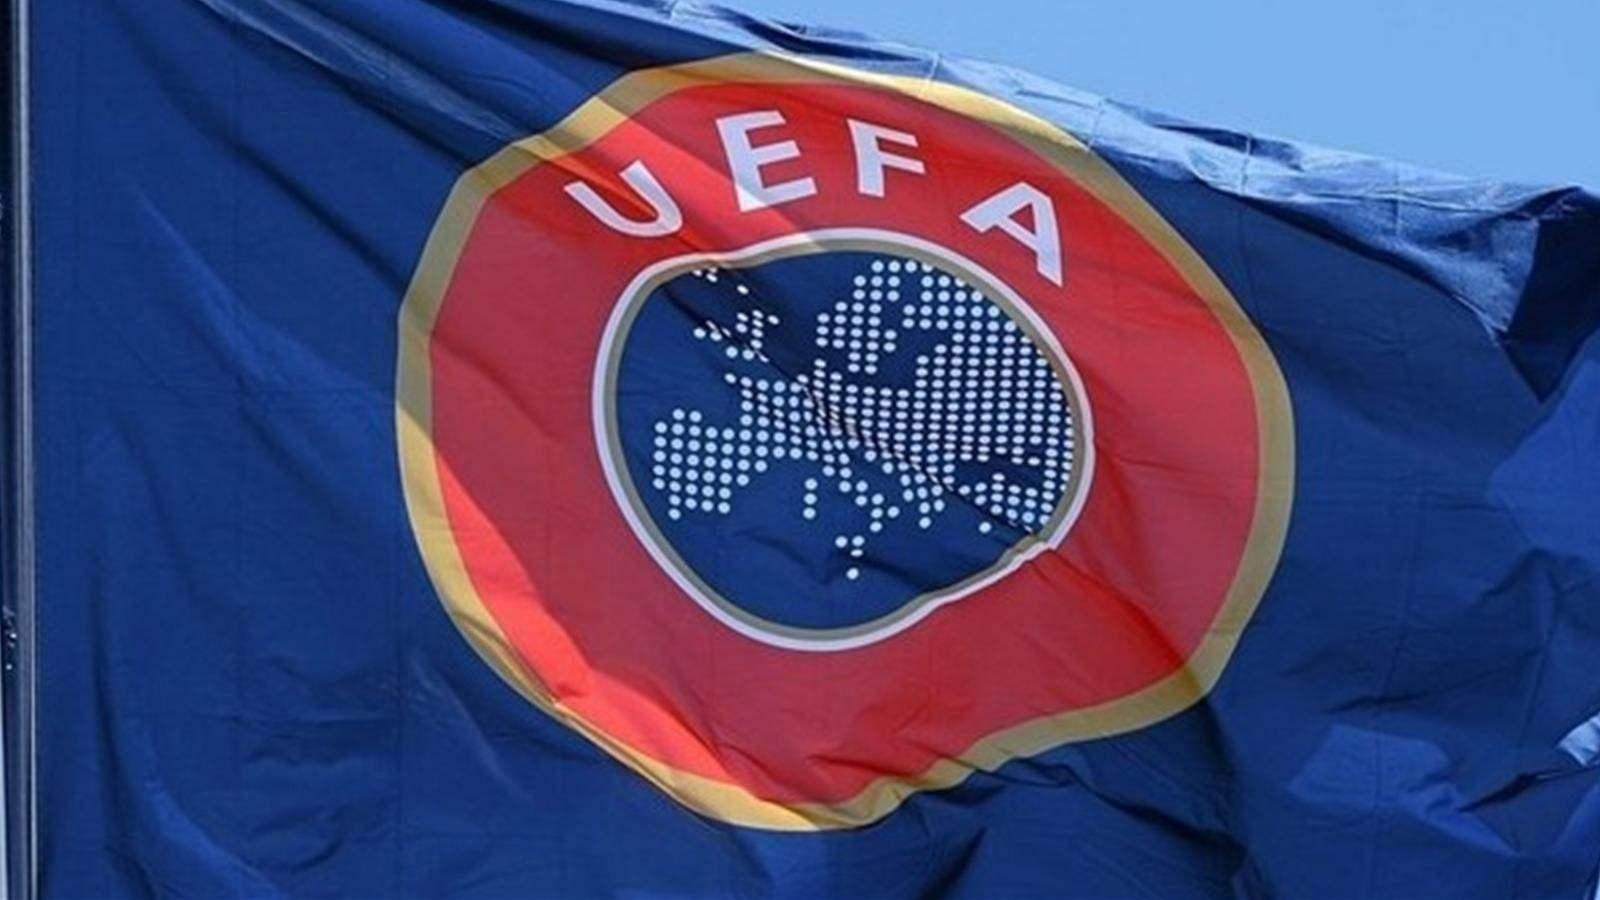 欧足联官方:欧洲杯推迟 已售出门票可全额退款